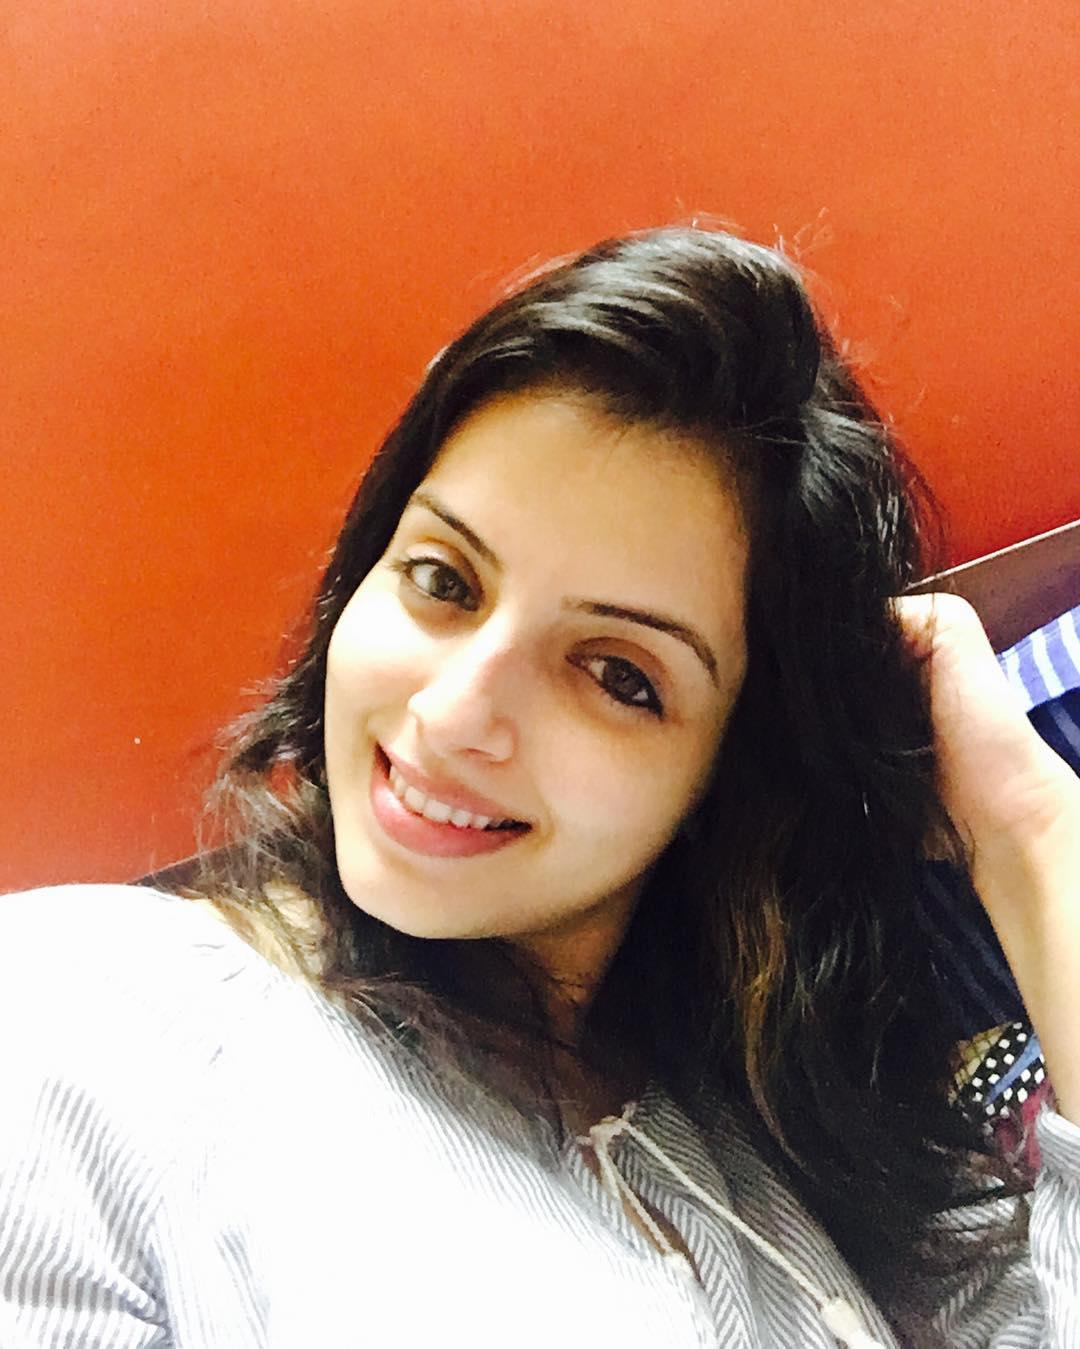 Shrenu Parikh - cute smile